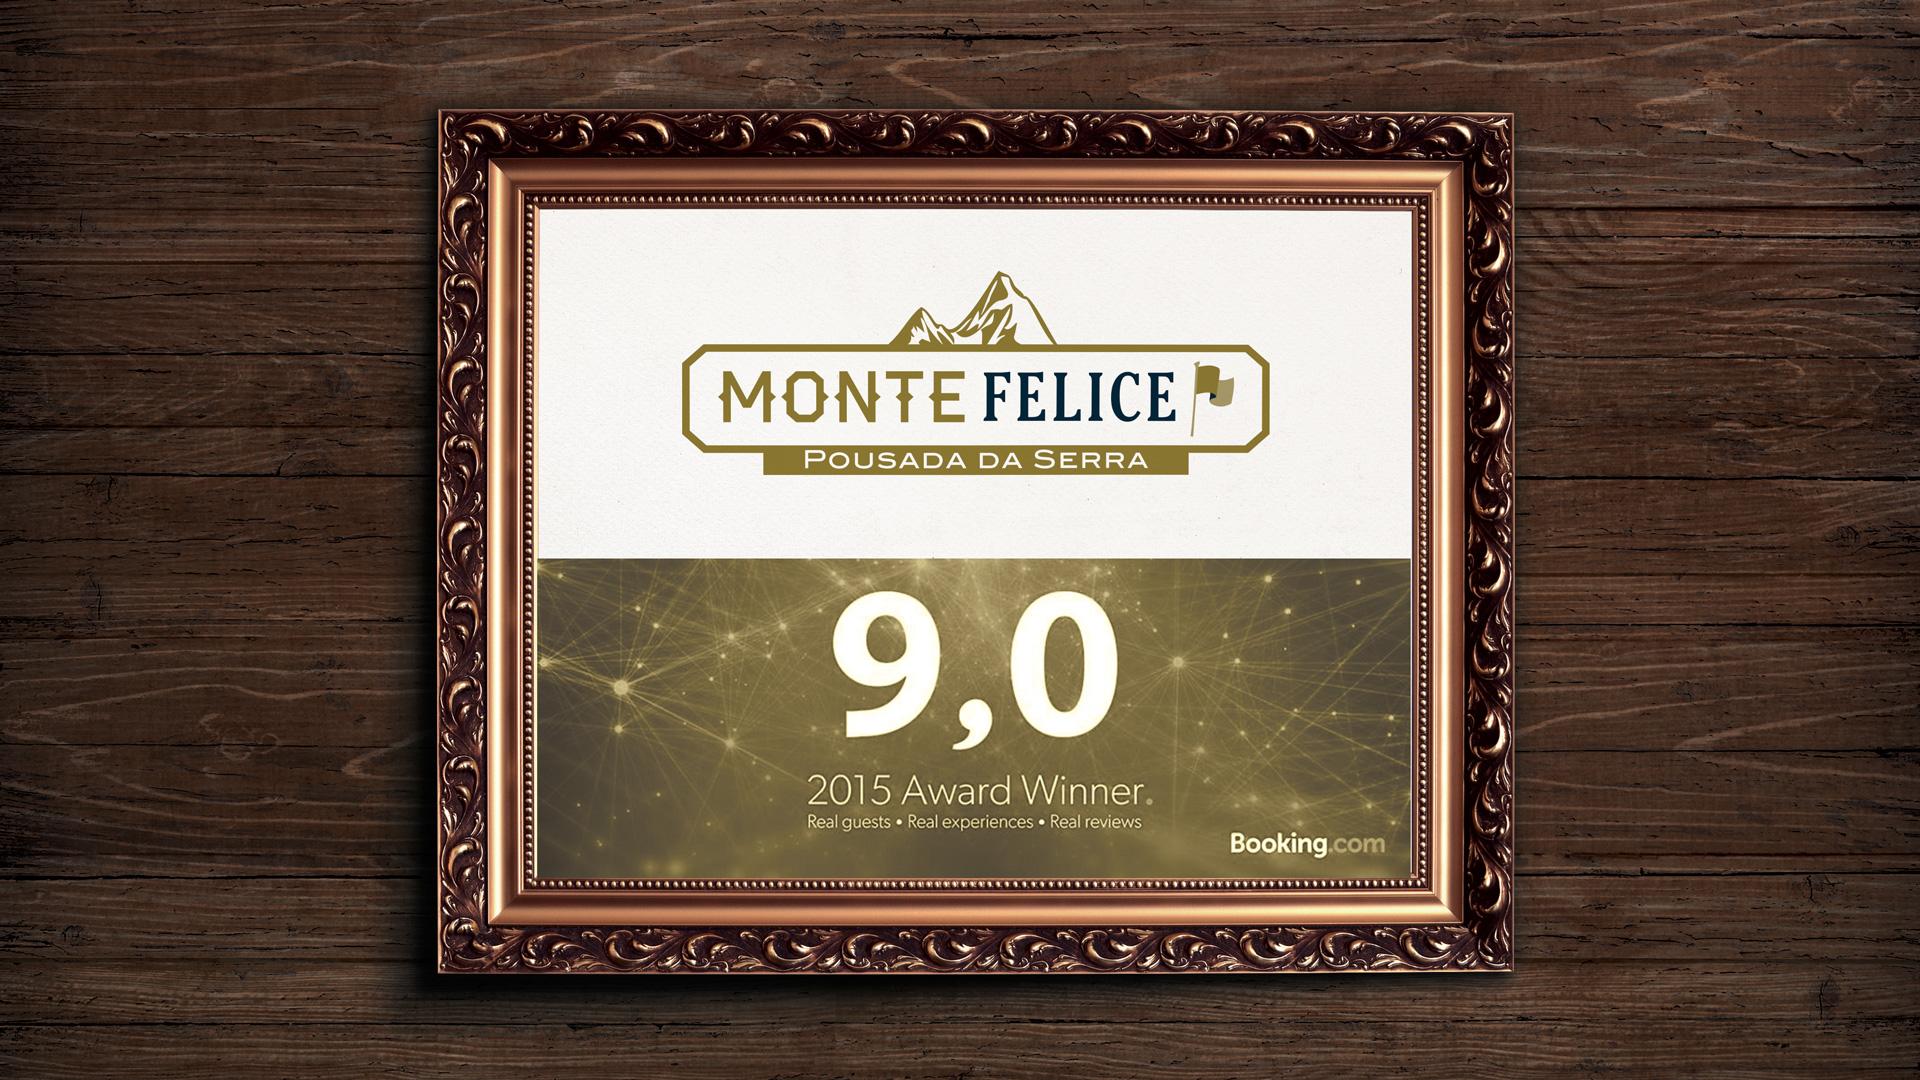 DALE-MONTE_FELICE-Placa_Award